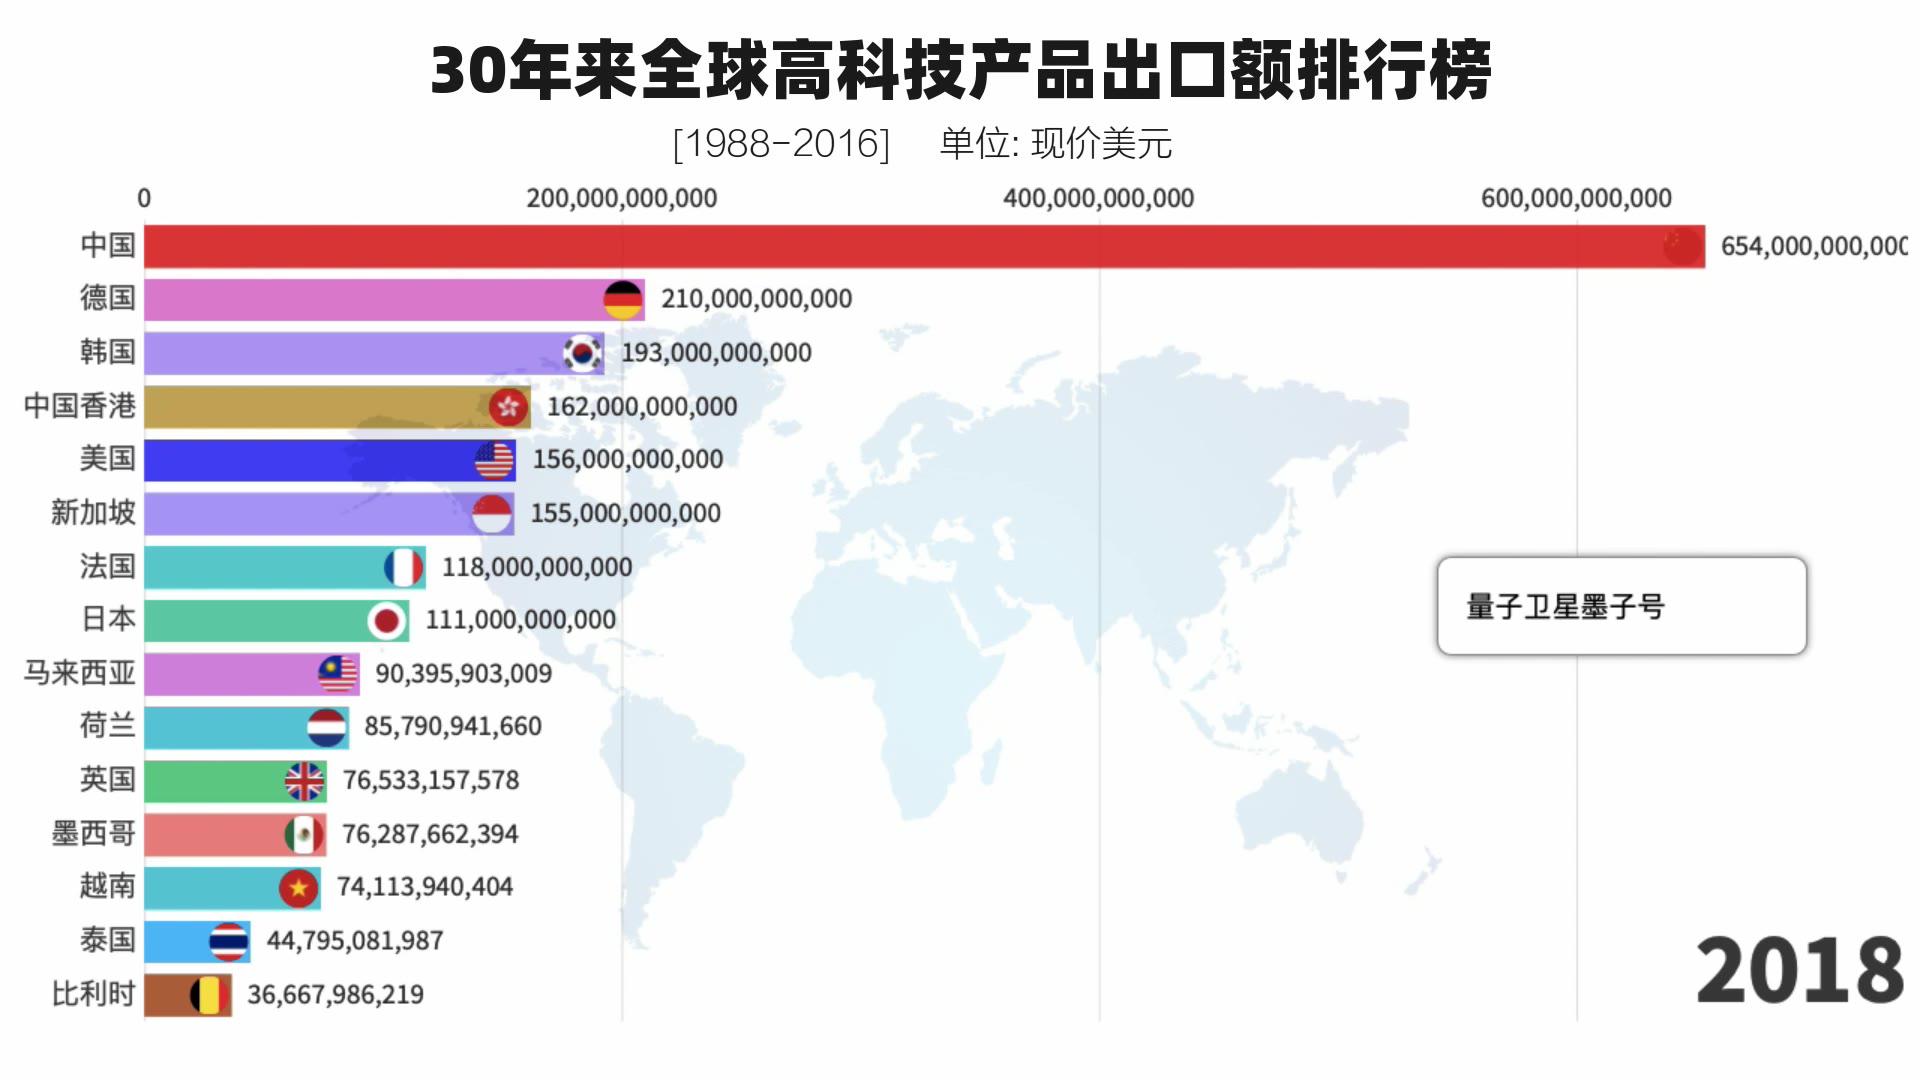 中国是美国4.5倍!30年来世界高科技产品出口额排行榜(1988-2018)